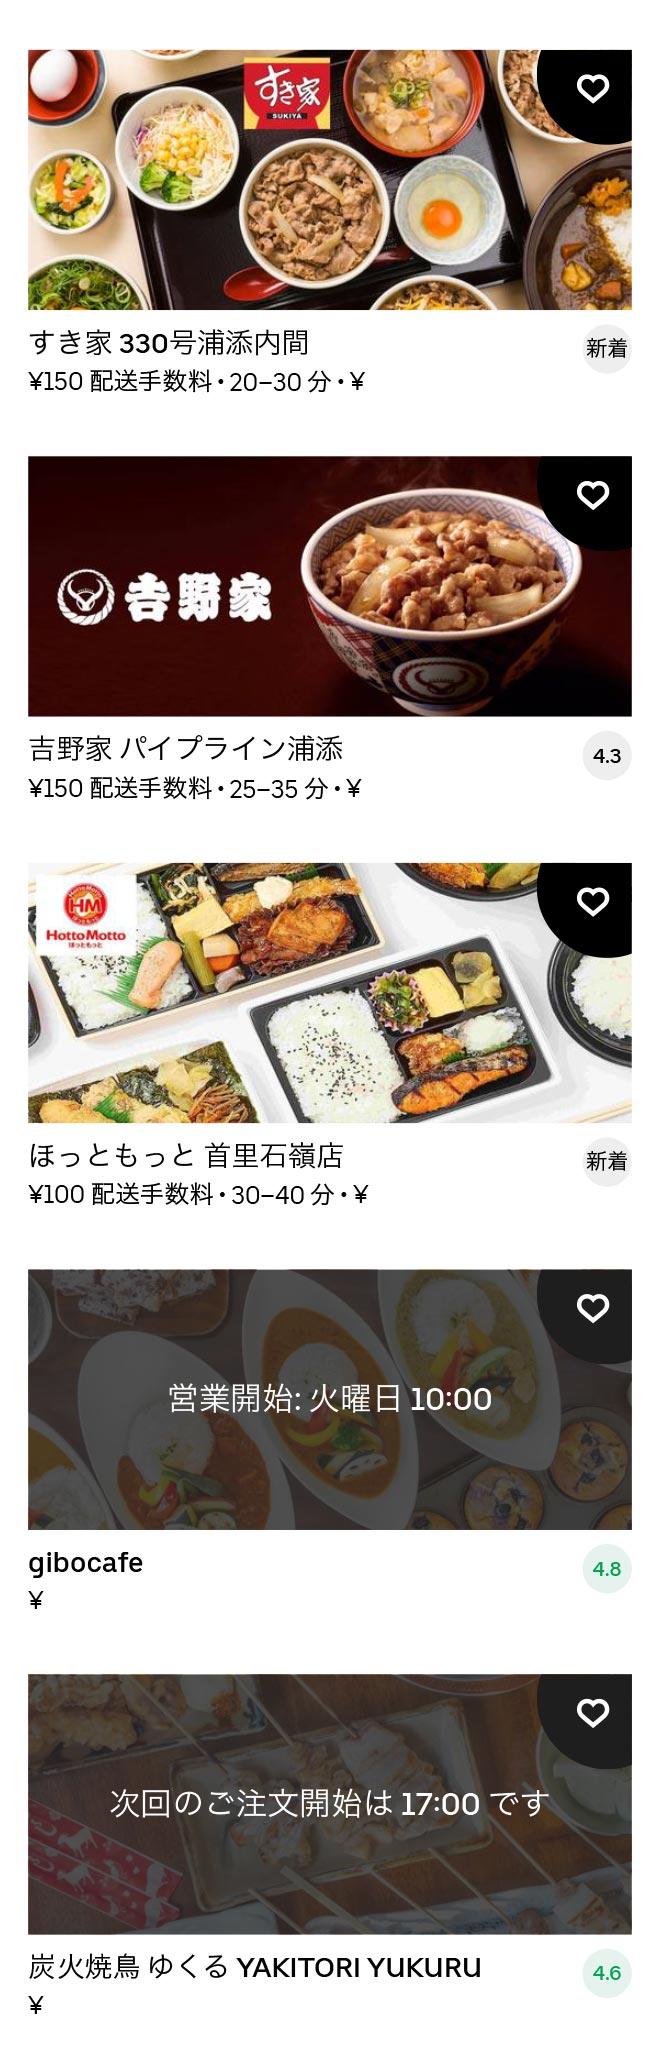 Urazoe maeda menu 2011 03